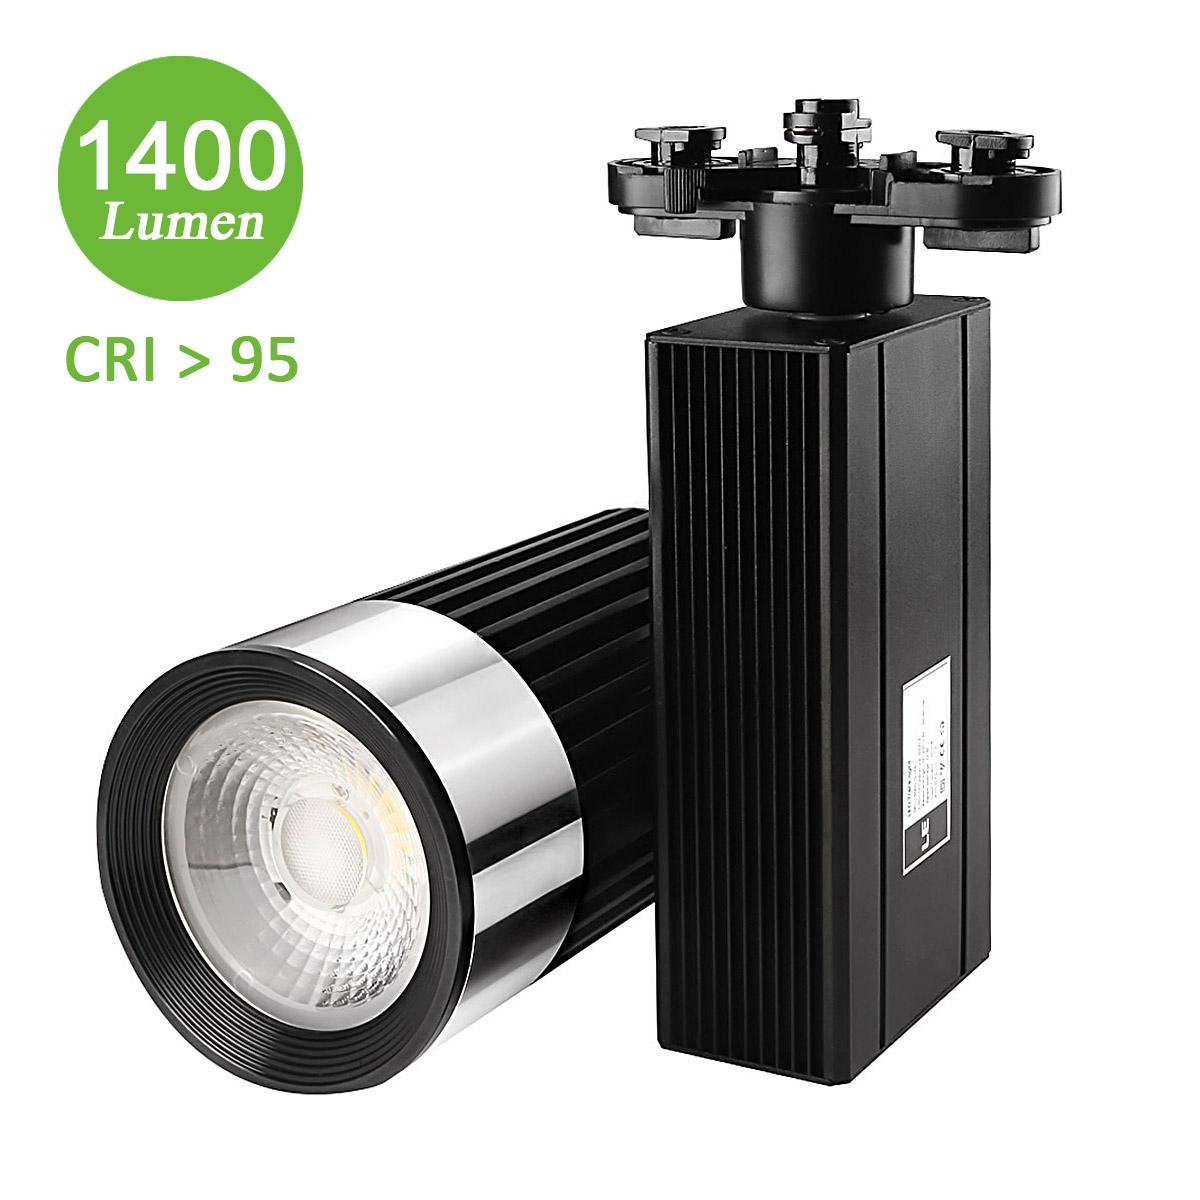 25W LED Leuchten Schienensystem, 1400lm Seilsystem, Ersatz für 150W Halogenlampen, 30° Spotlight, Kaltweiß